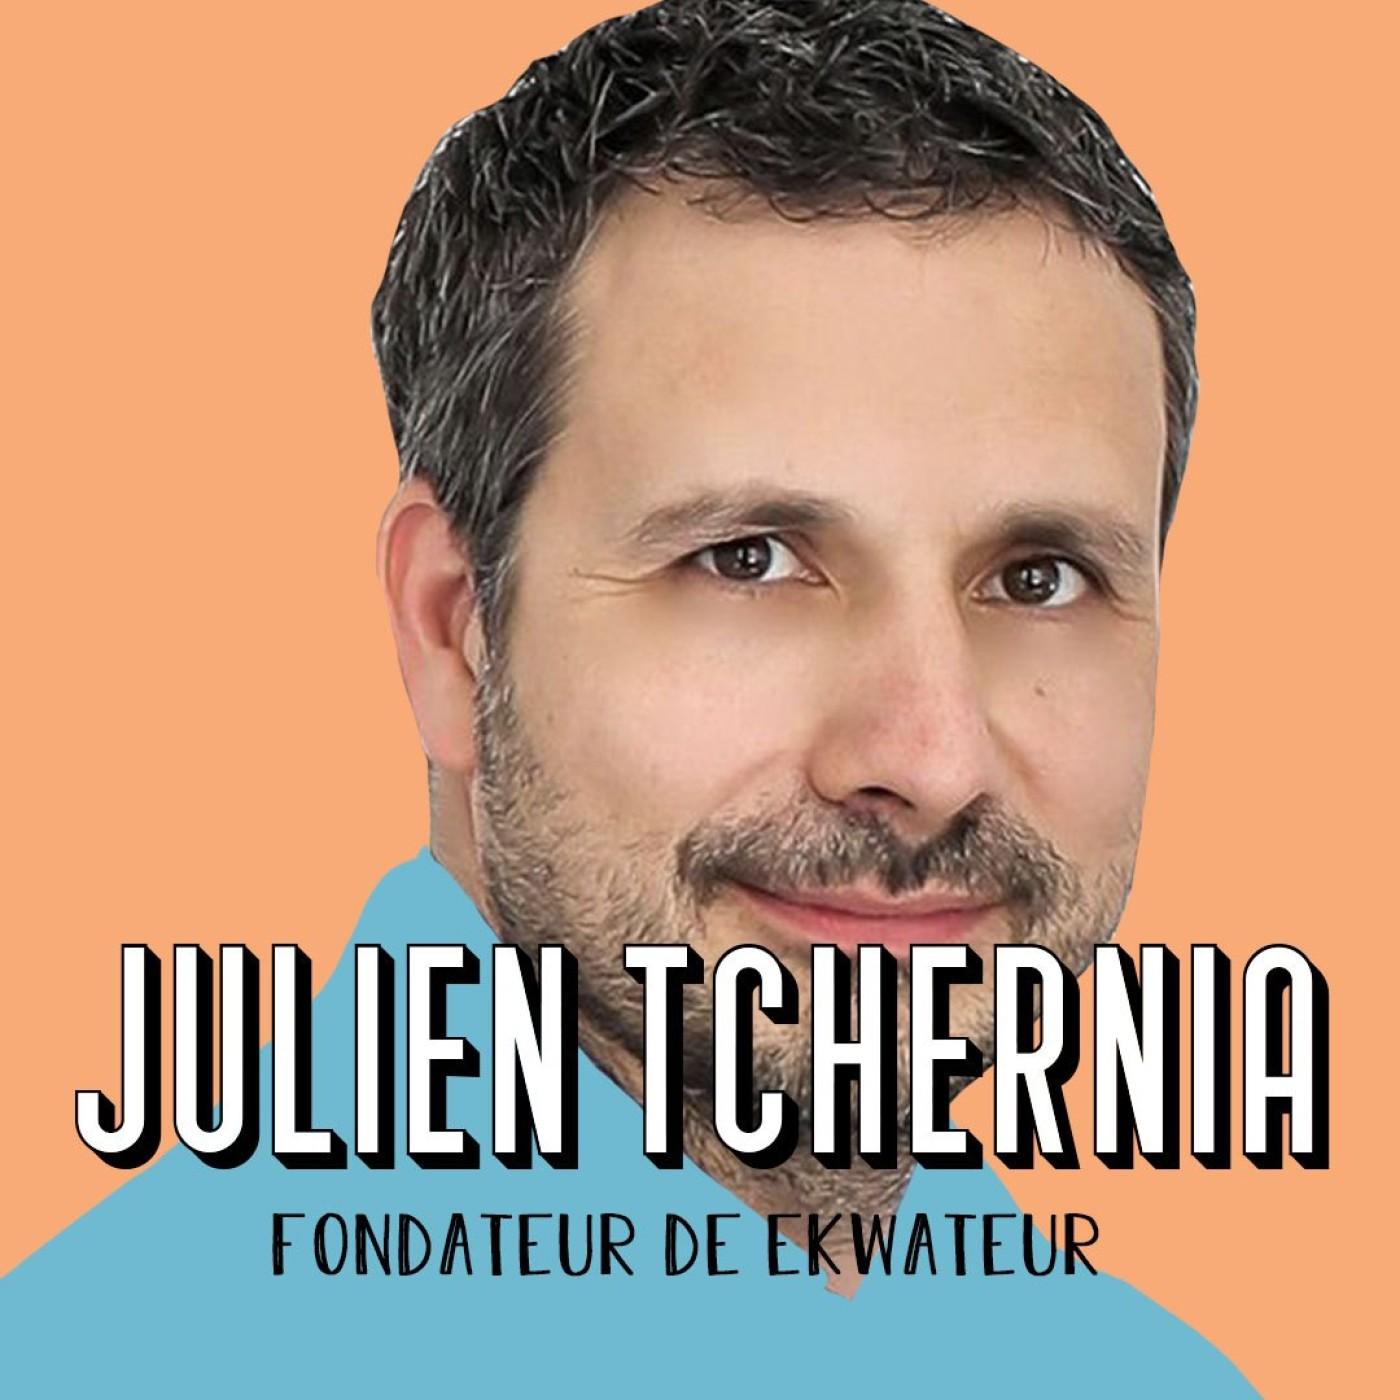 Julien Tchernia, fondateur d'EkWateur - Le plus gros risque, c'est de ne pas en prendre